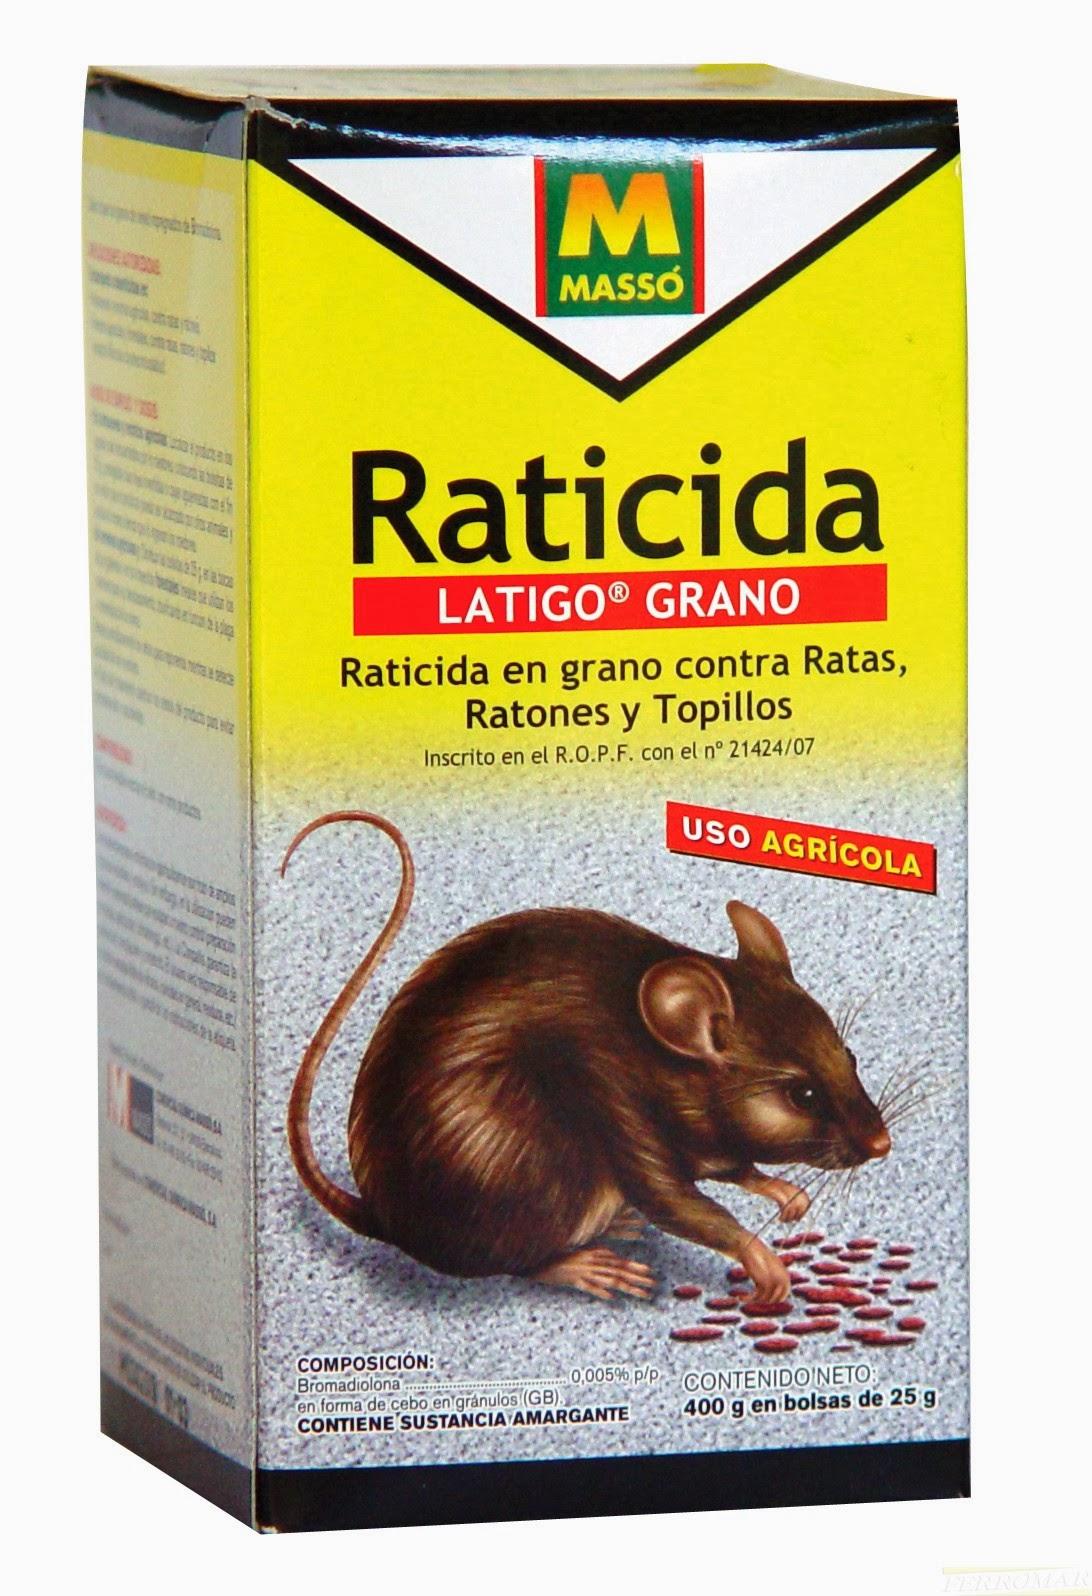 Adulto comiendo veneno para ratas